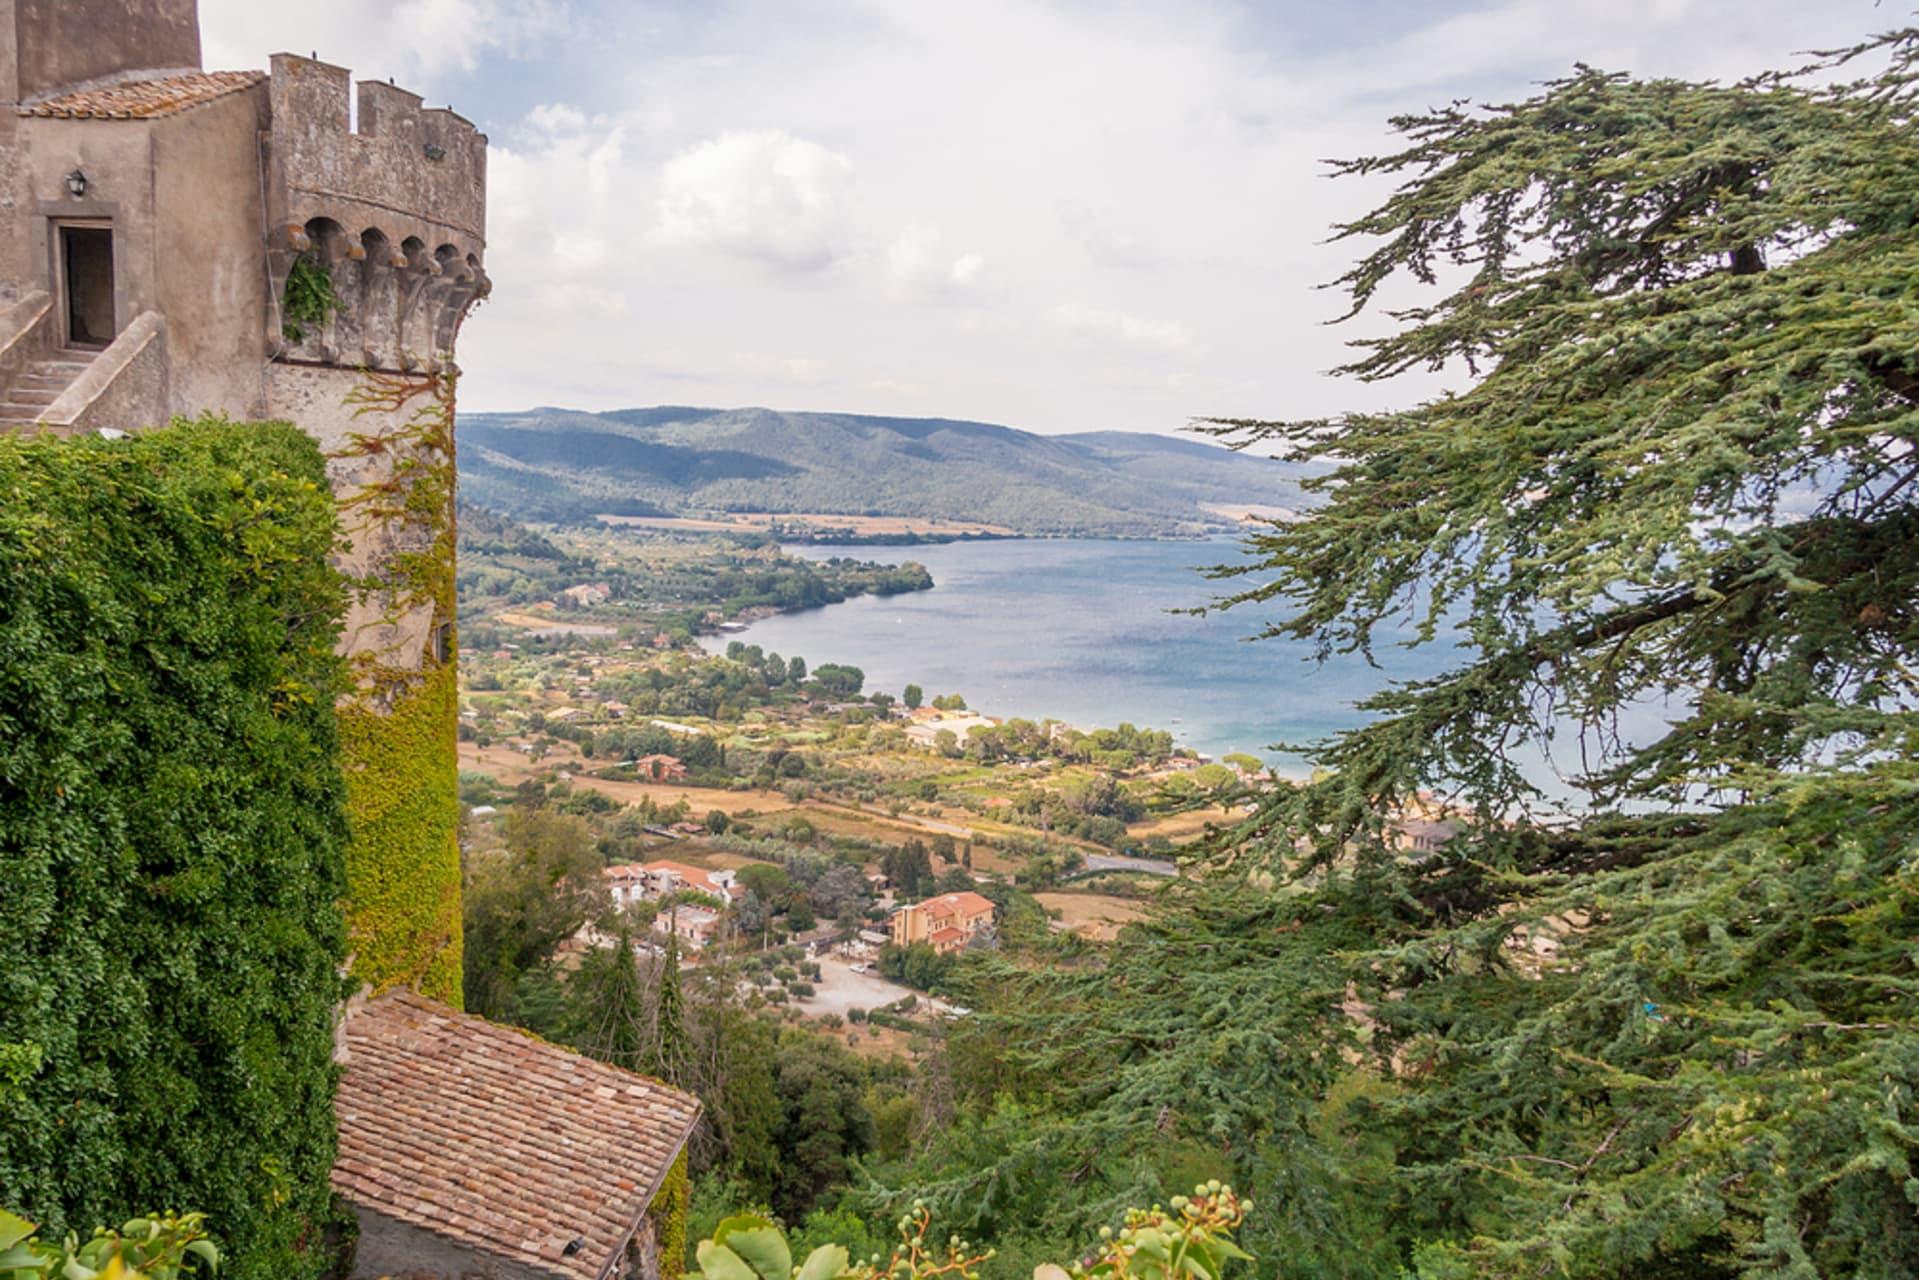 Rome - Bracciano Lake and Castle